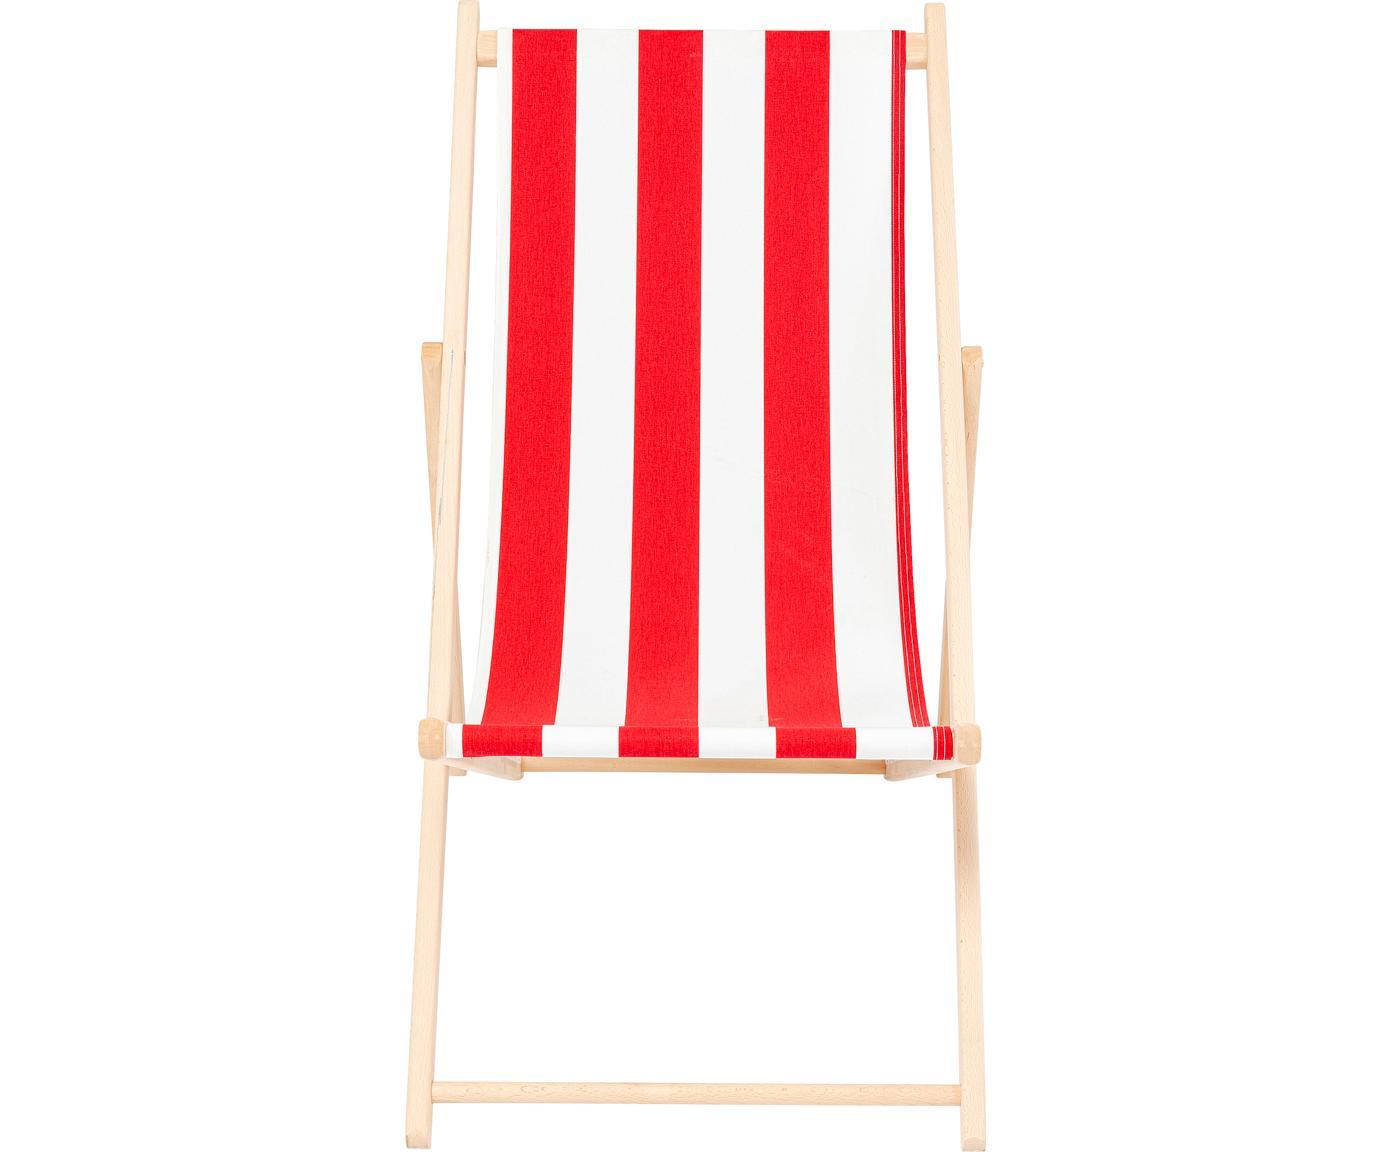 Klappbarer Liegestuhl Hot Summer, Gestell: Buchenholz, Rot, Weiß, Buchenholz, B 96 x T 56 cm